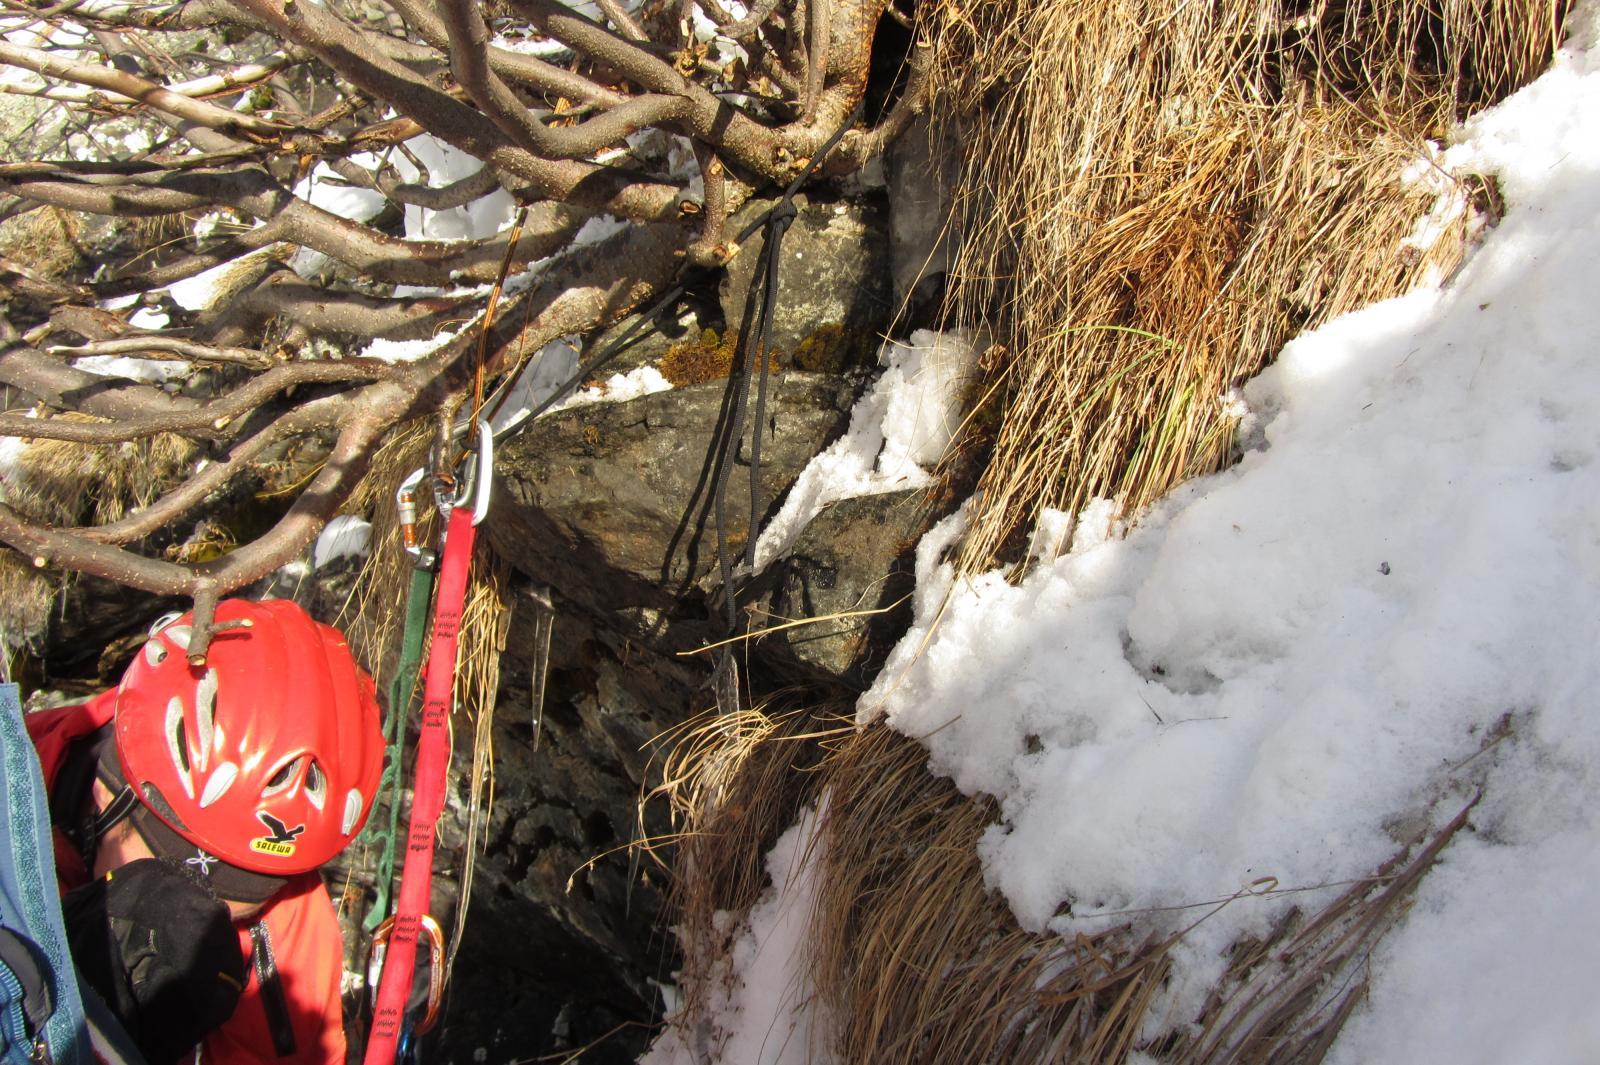 La sosta su cespuglio e il cordino nero di rinforzo